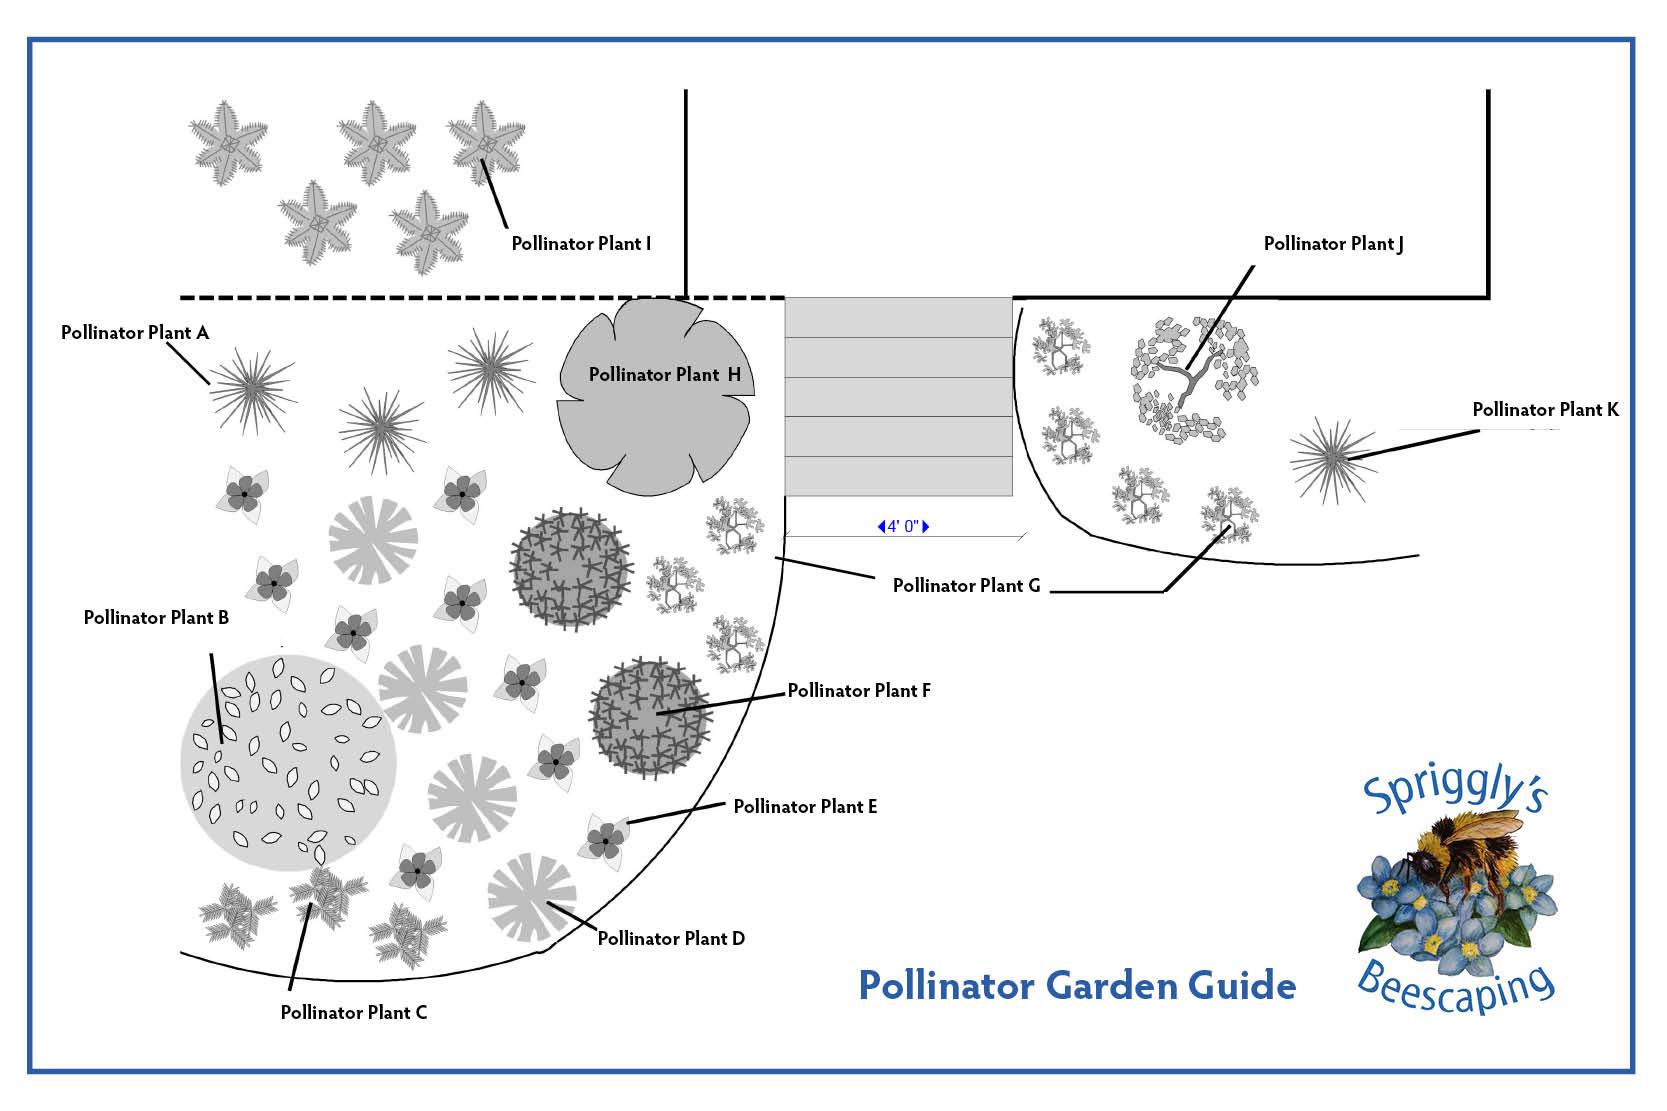 pollinator garden guide design